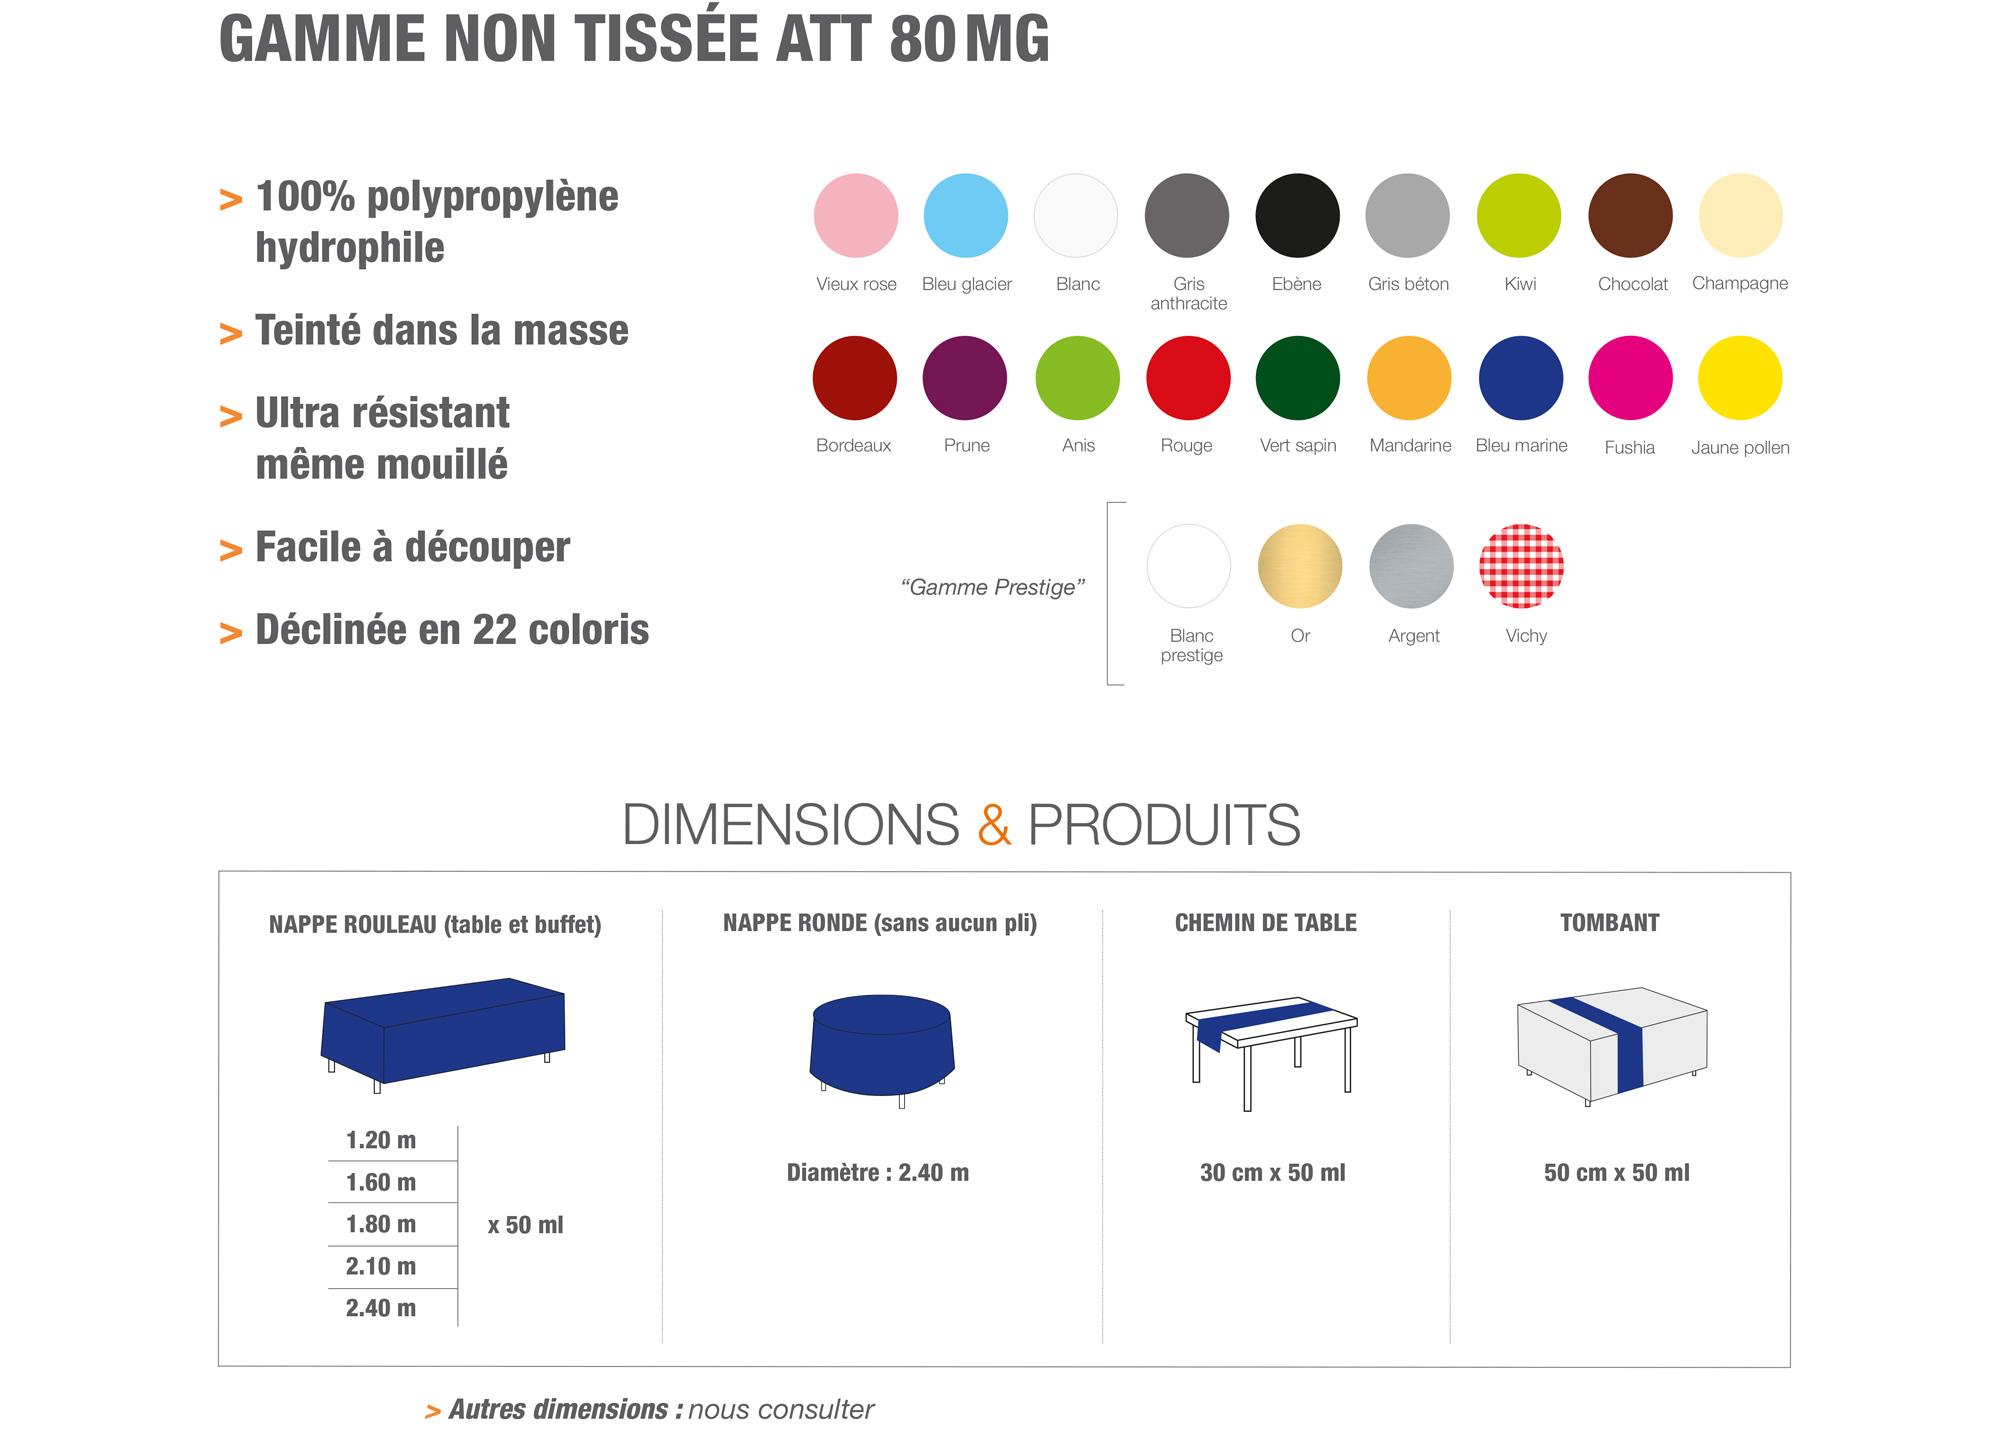 ATT nappes - Gamme non tissée 80 mg